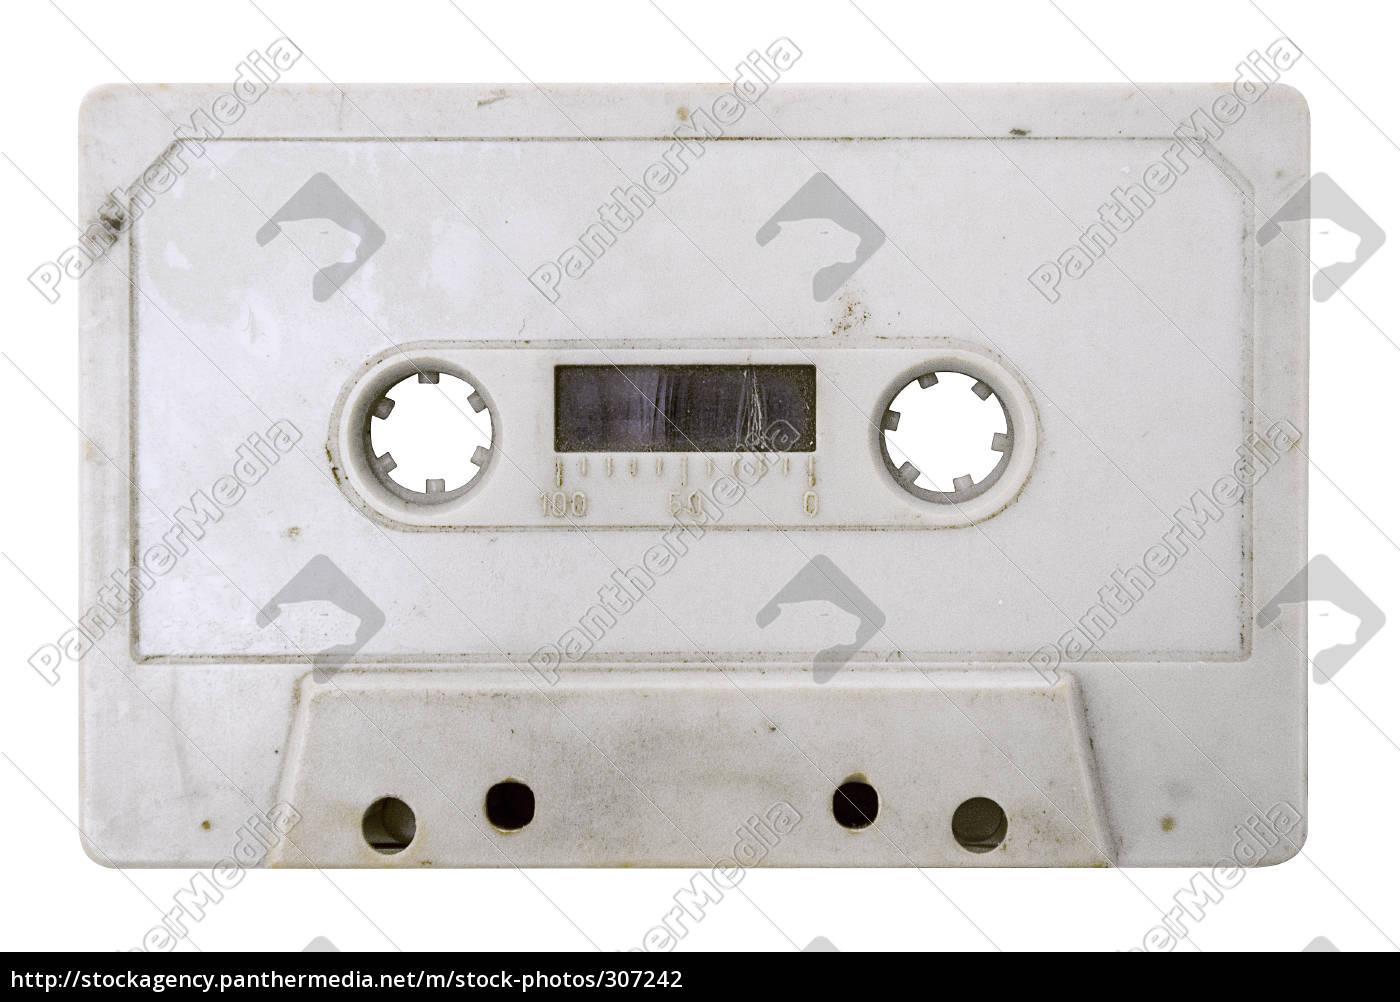 cassette - 307242